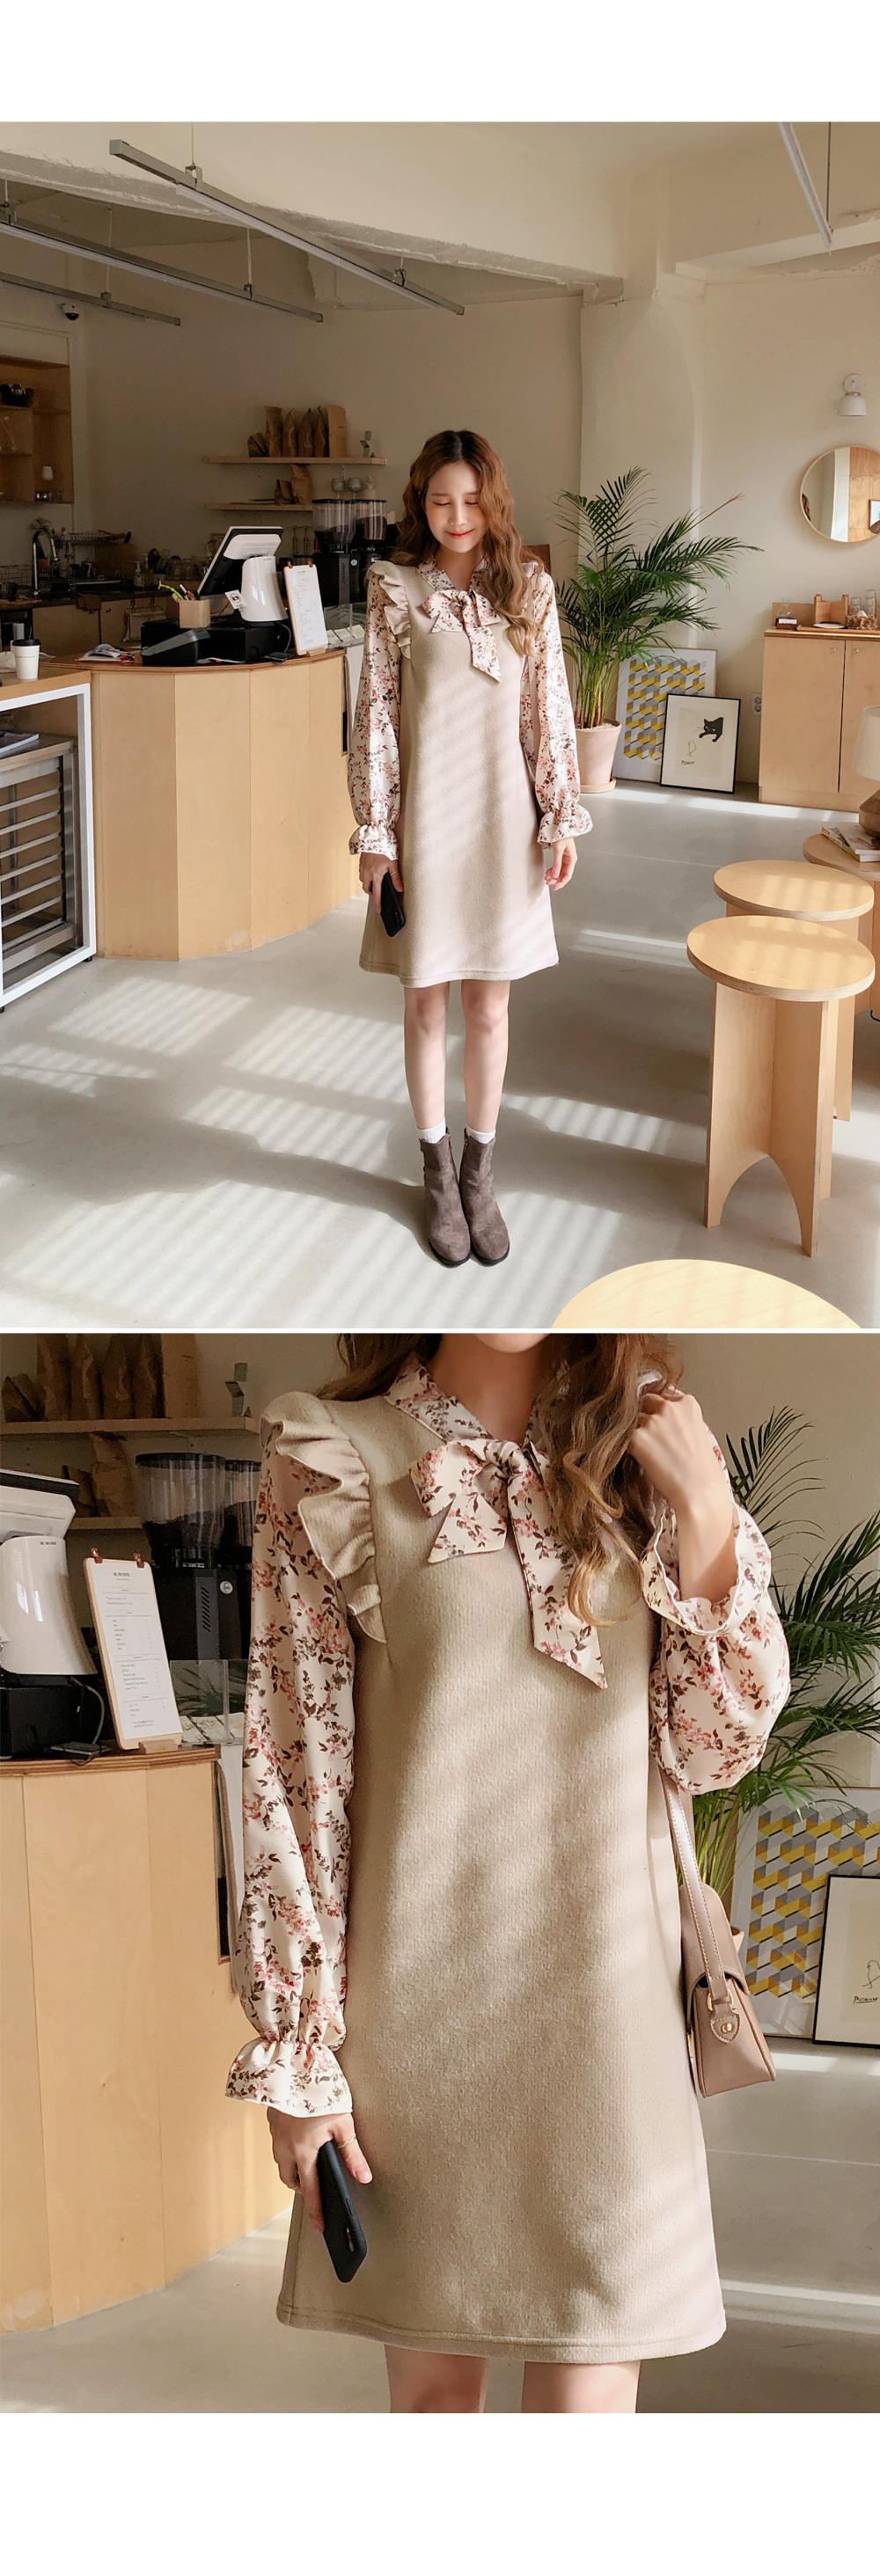 Flower wool wing dress